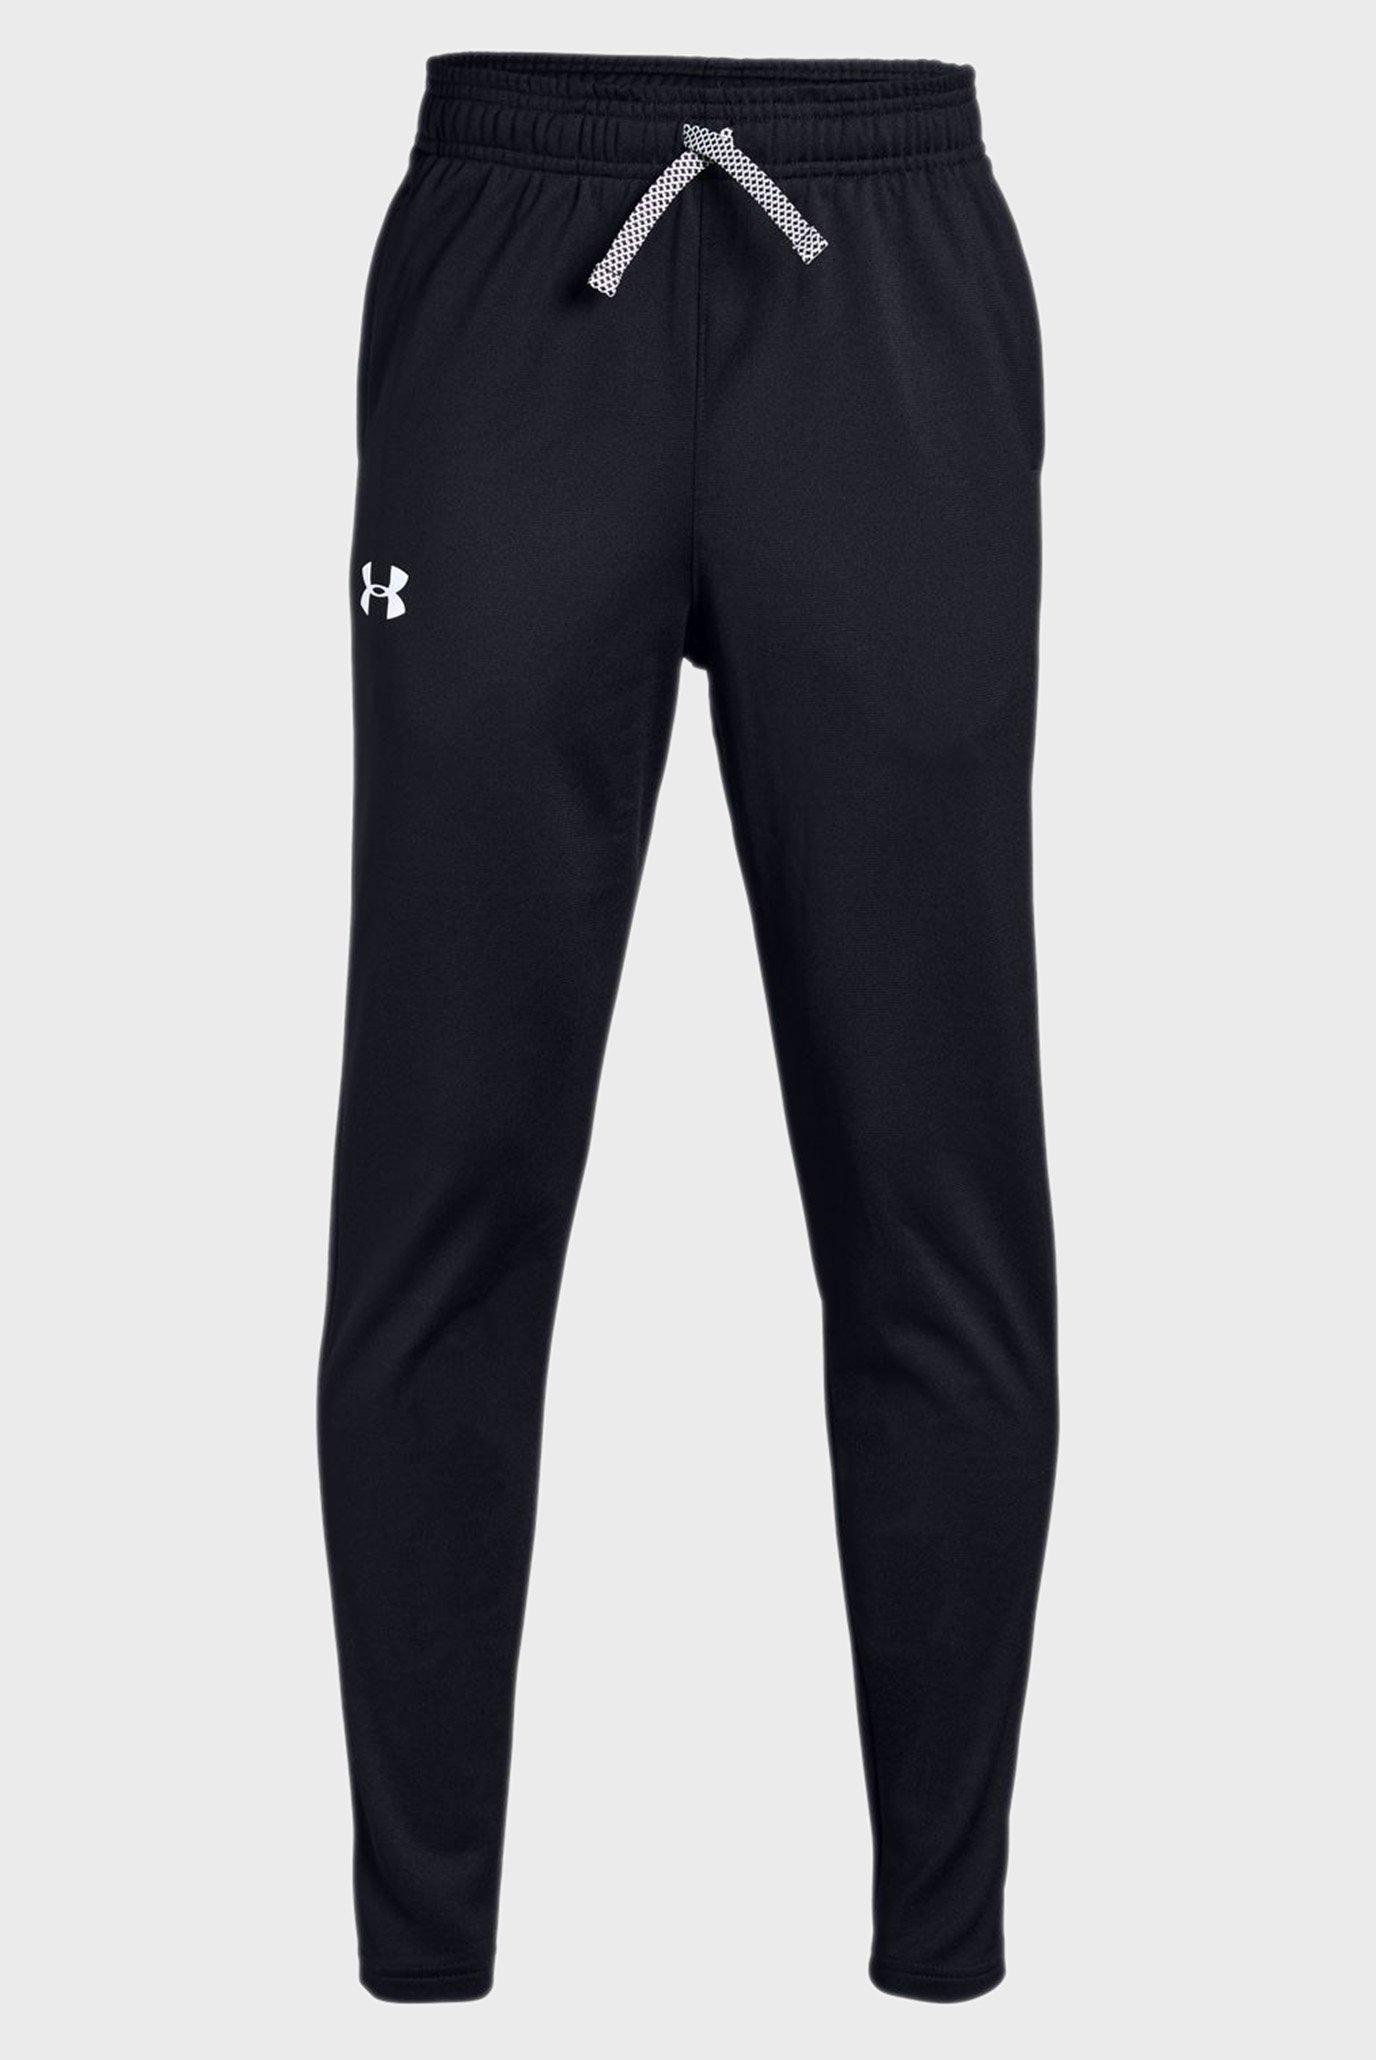 Детские черные спортивные брюки BRAWLER TAPERED PANT Under Armour